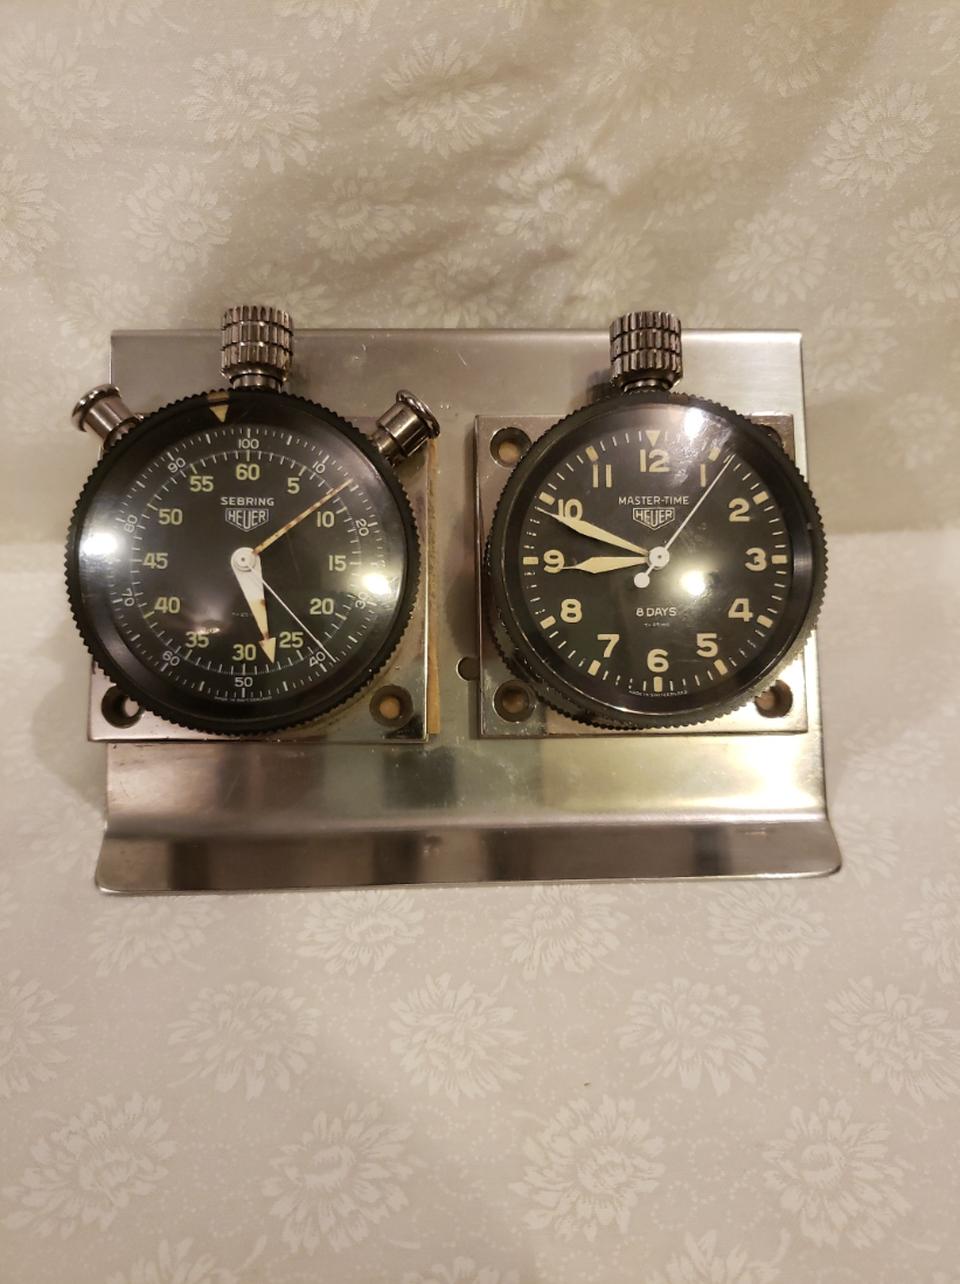 Vintage Heuer Dashboard Instruments - Master Time Clock & Sebring Timer